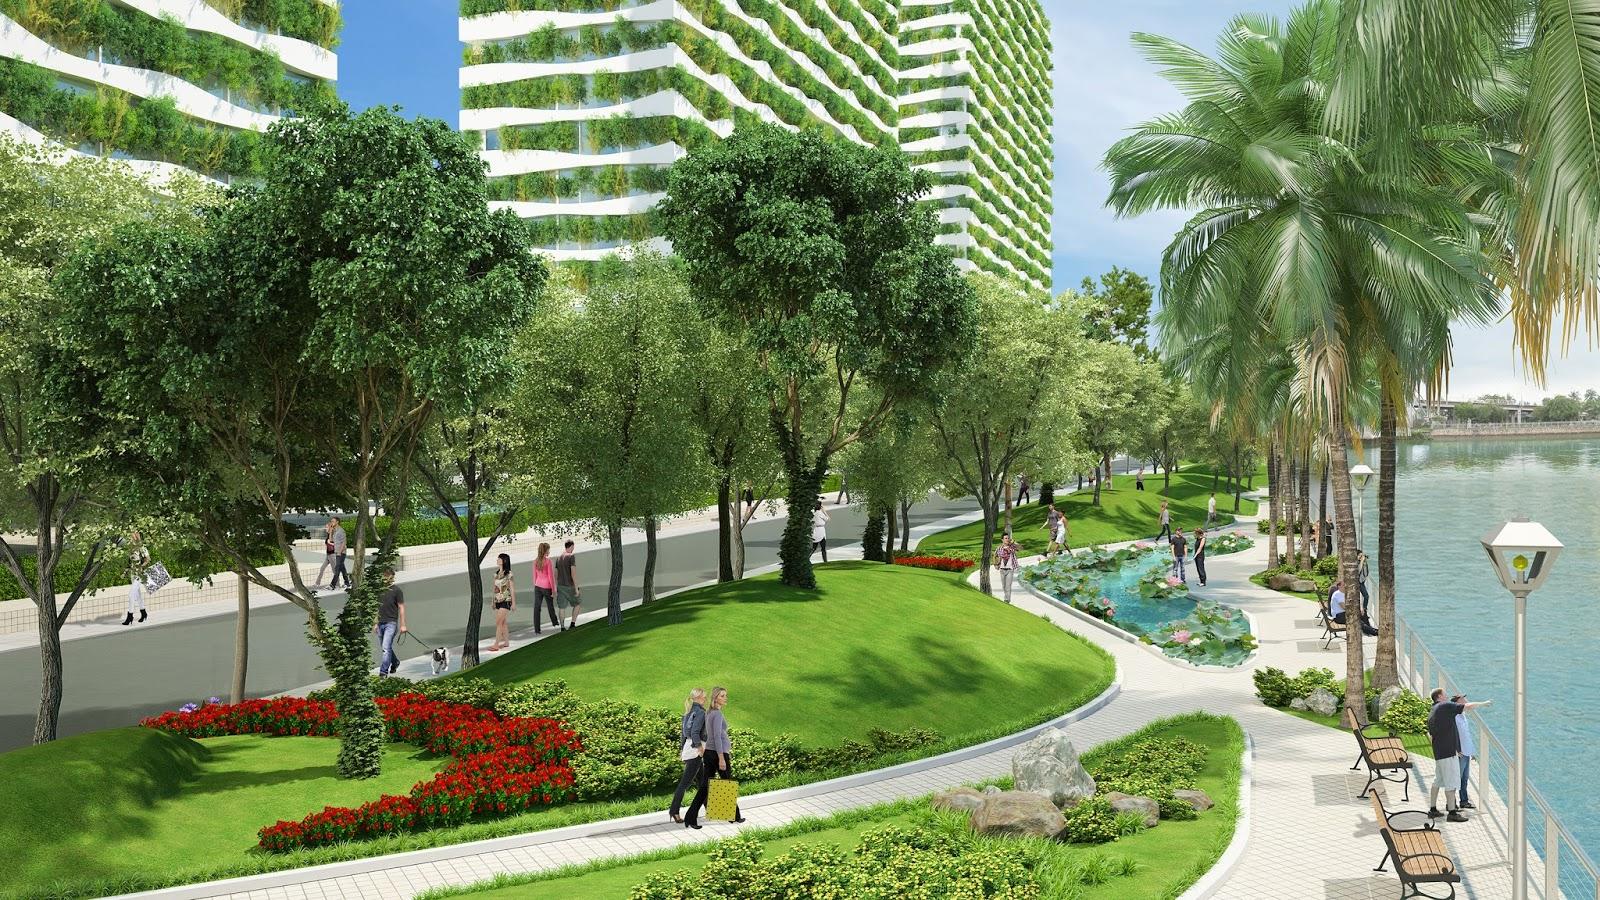 Việt Nam chưa có quy định tiêu chuẩn công trình xanh Quốc Gia